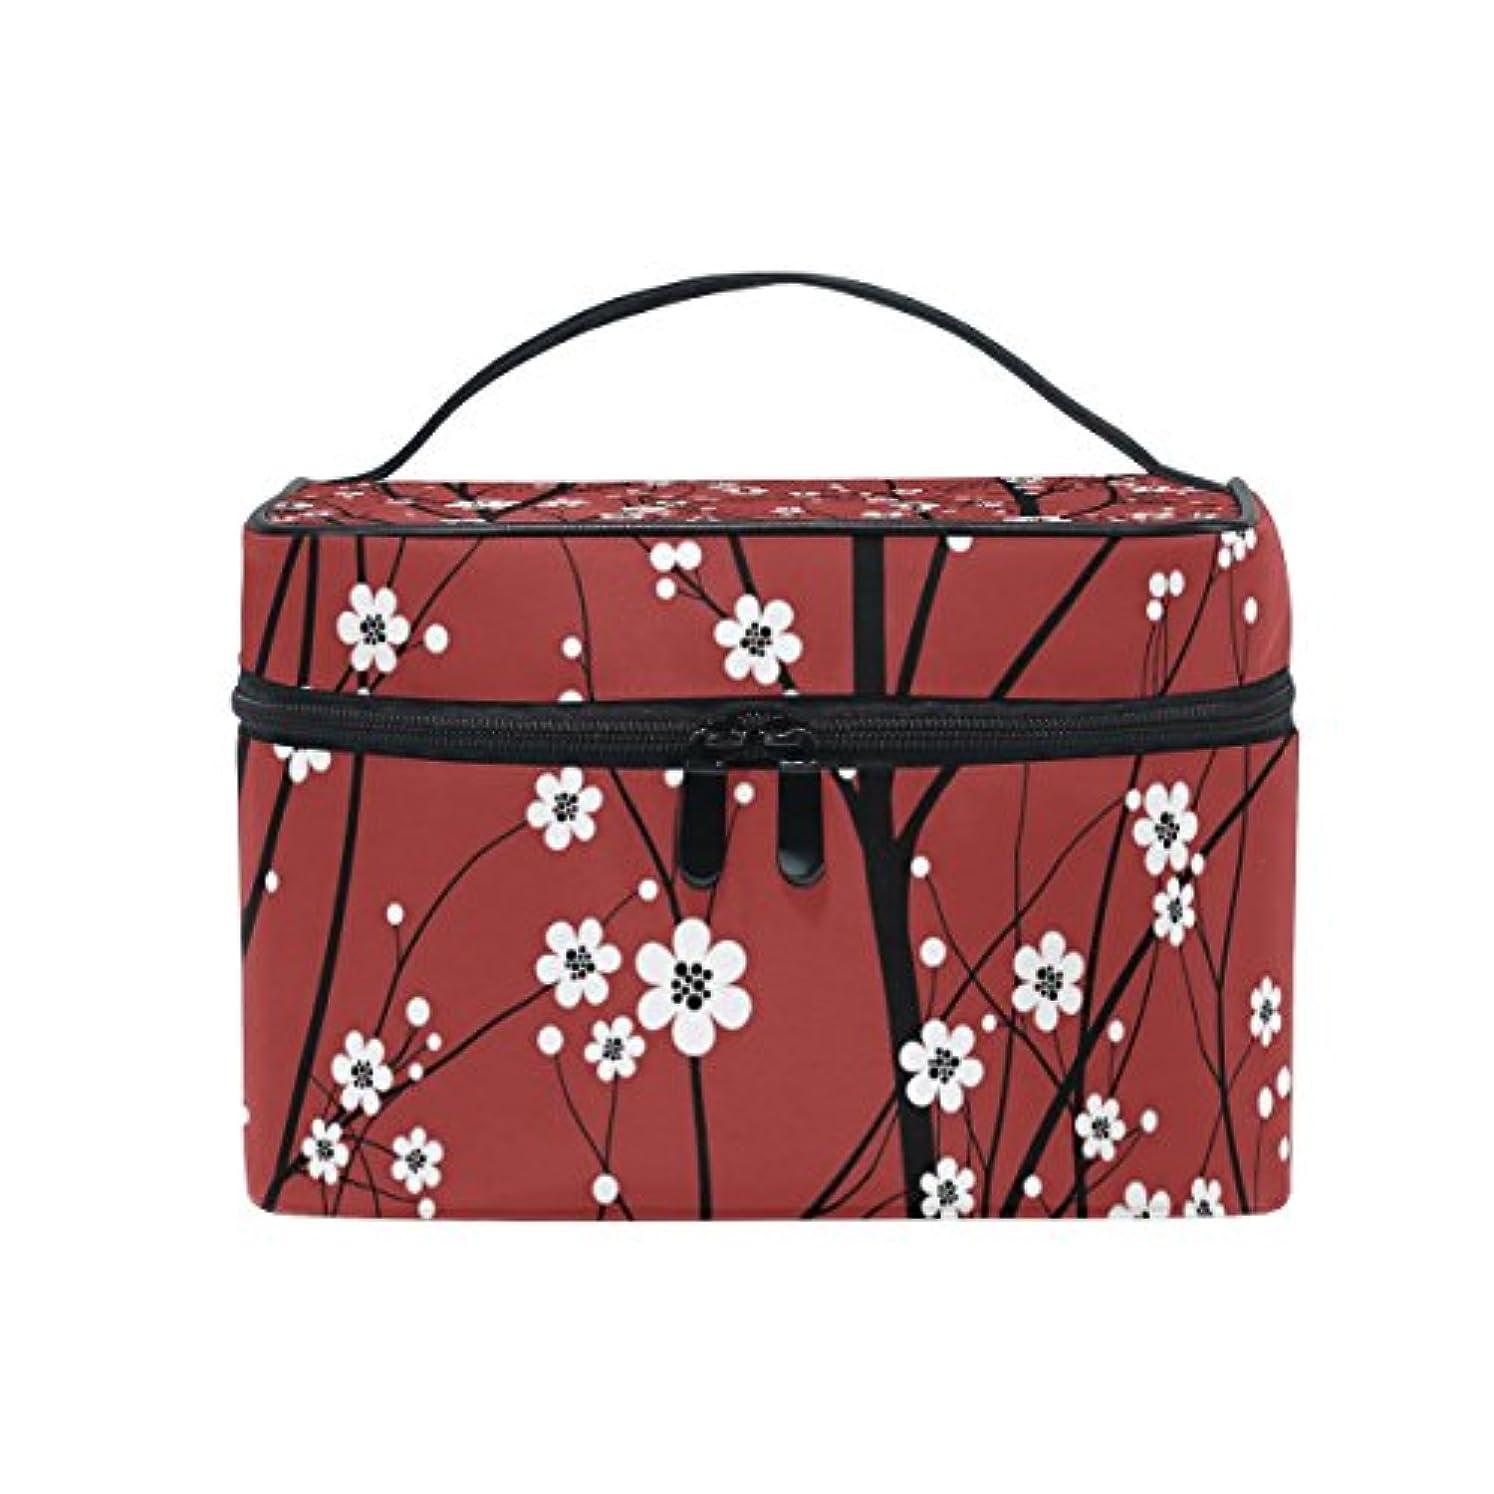 ブラウン麦芽比類なきバララ (La Rose) 化粧ポーチ コスメポーチ 大容量 おしゃれ 機能的 かわいい 樱花柄 和風 メイクポーチ 化粧箱 軽量 小物入れ 収納バッグ 女性 雑貨 プレゼント